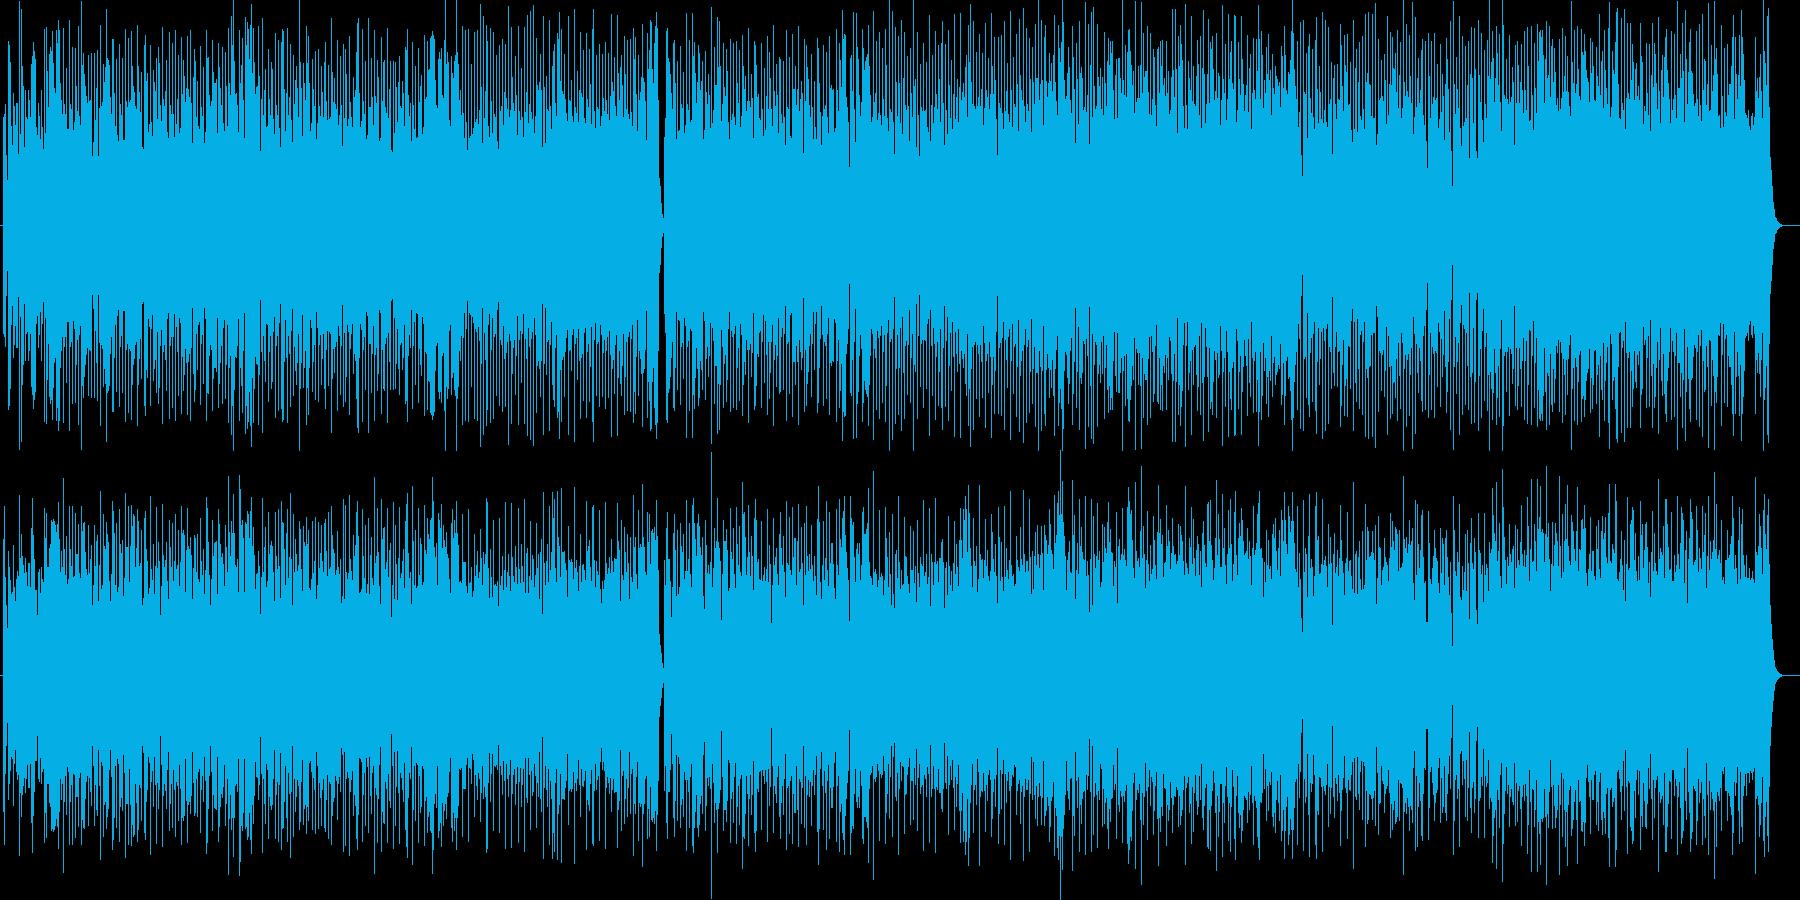 グルービーなファンキーロックの再生済みの波形